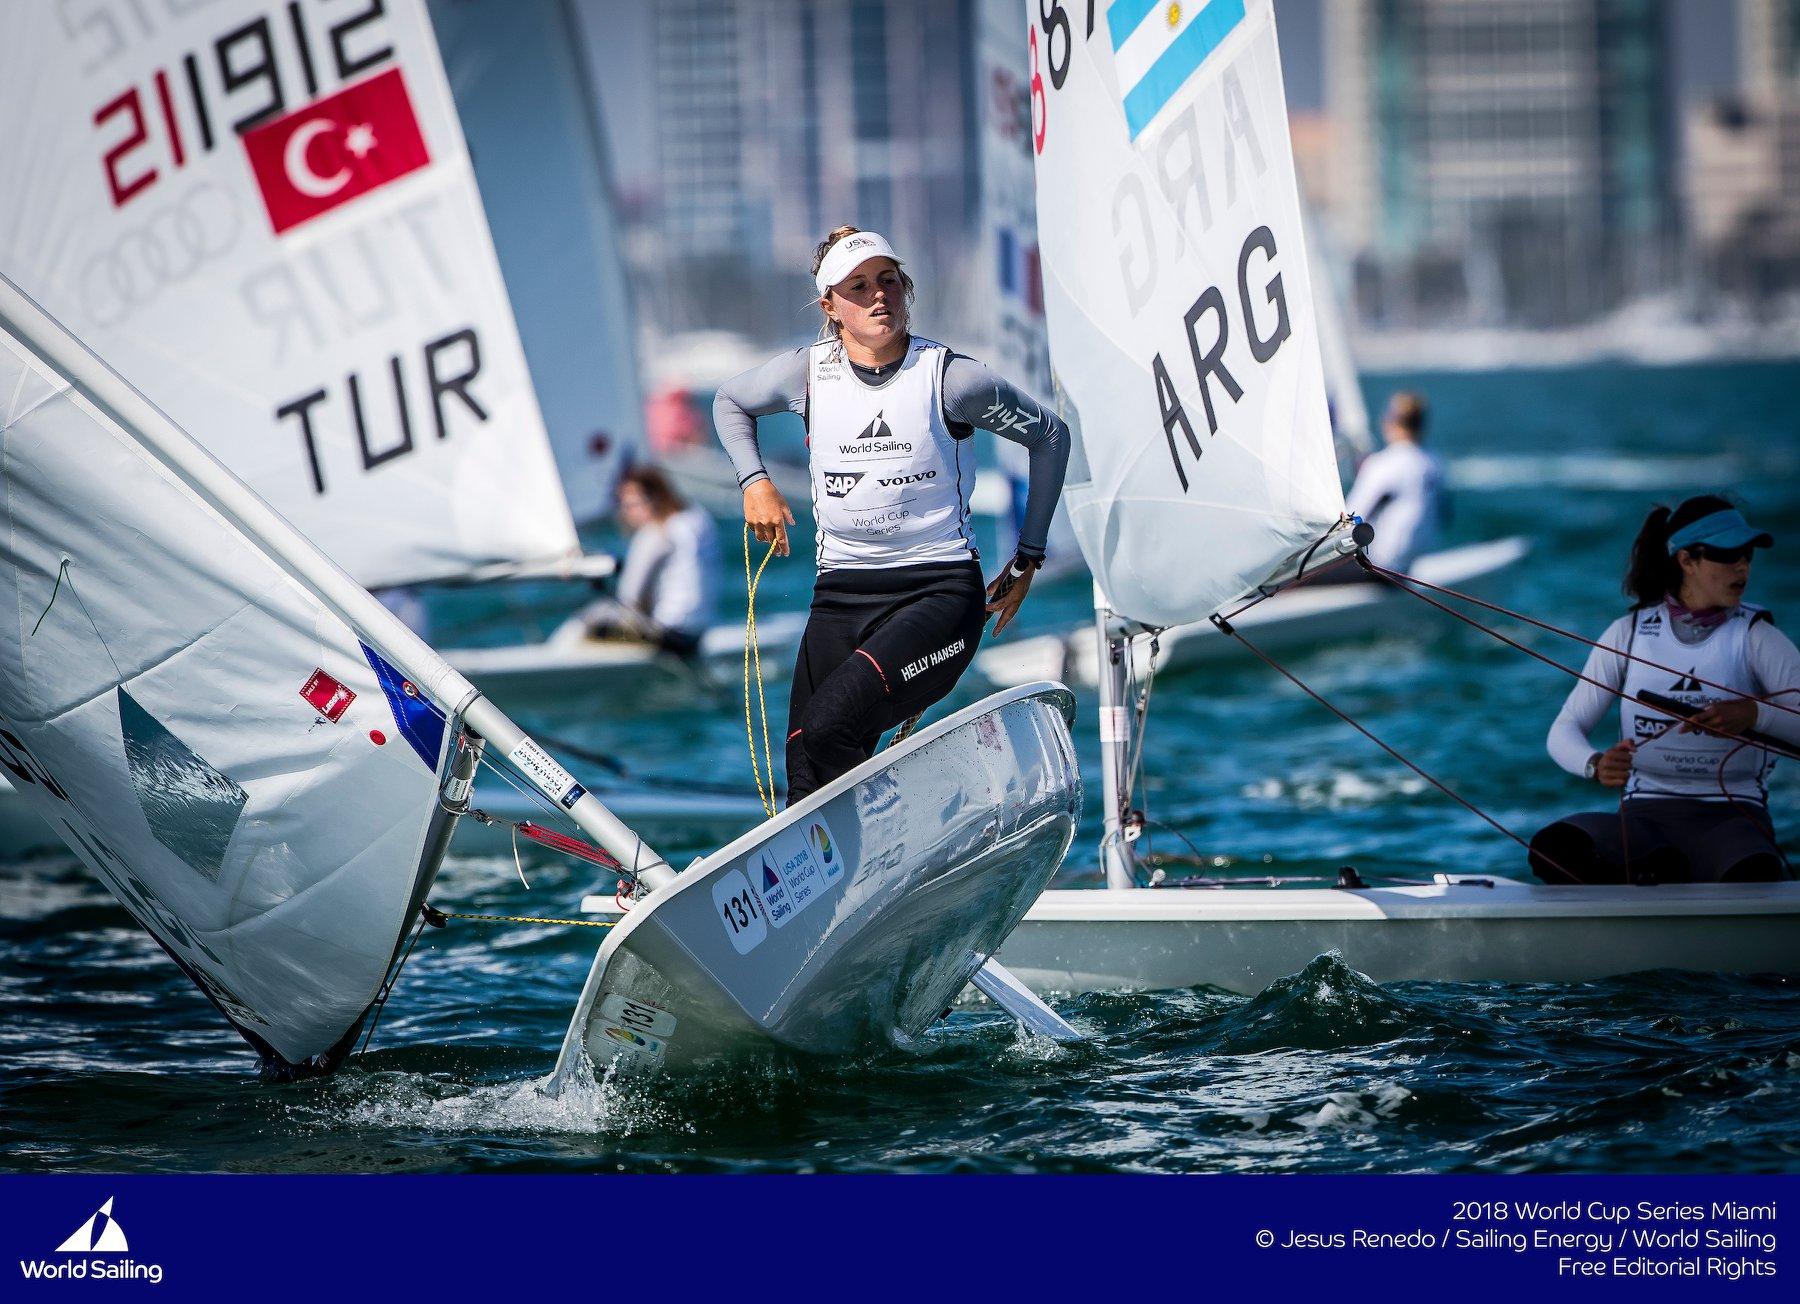 Photo: Sailing Energy